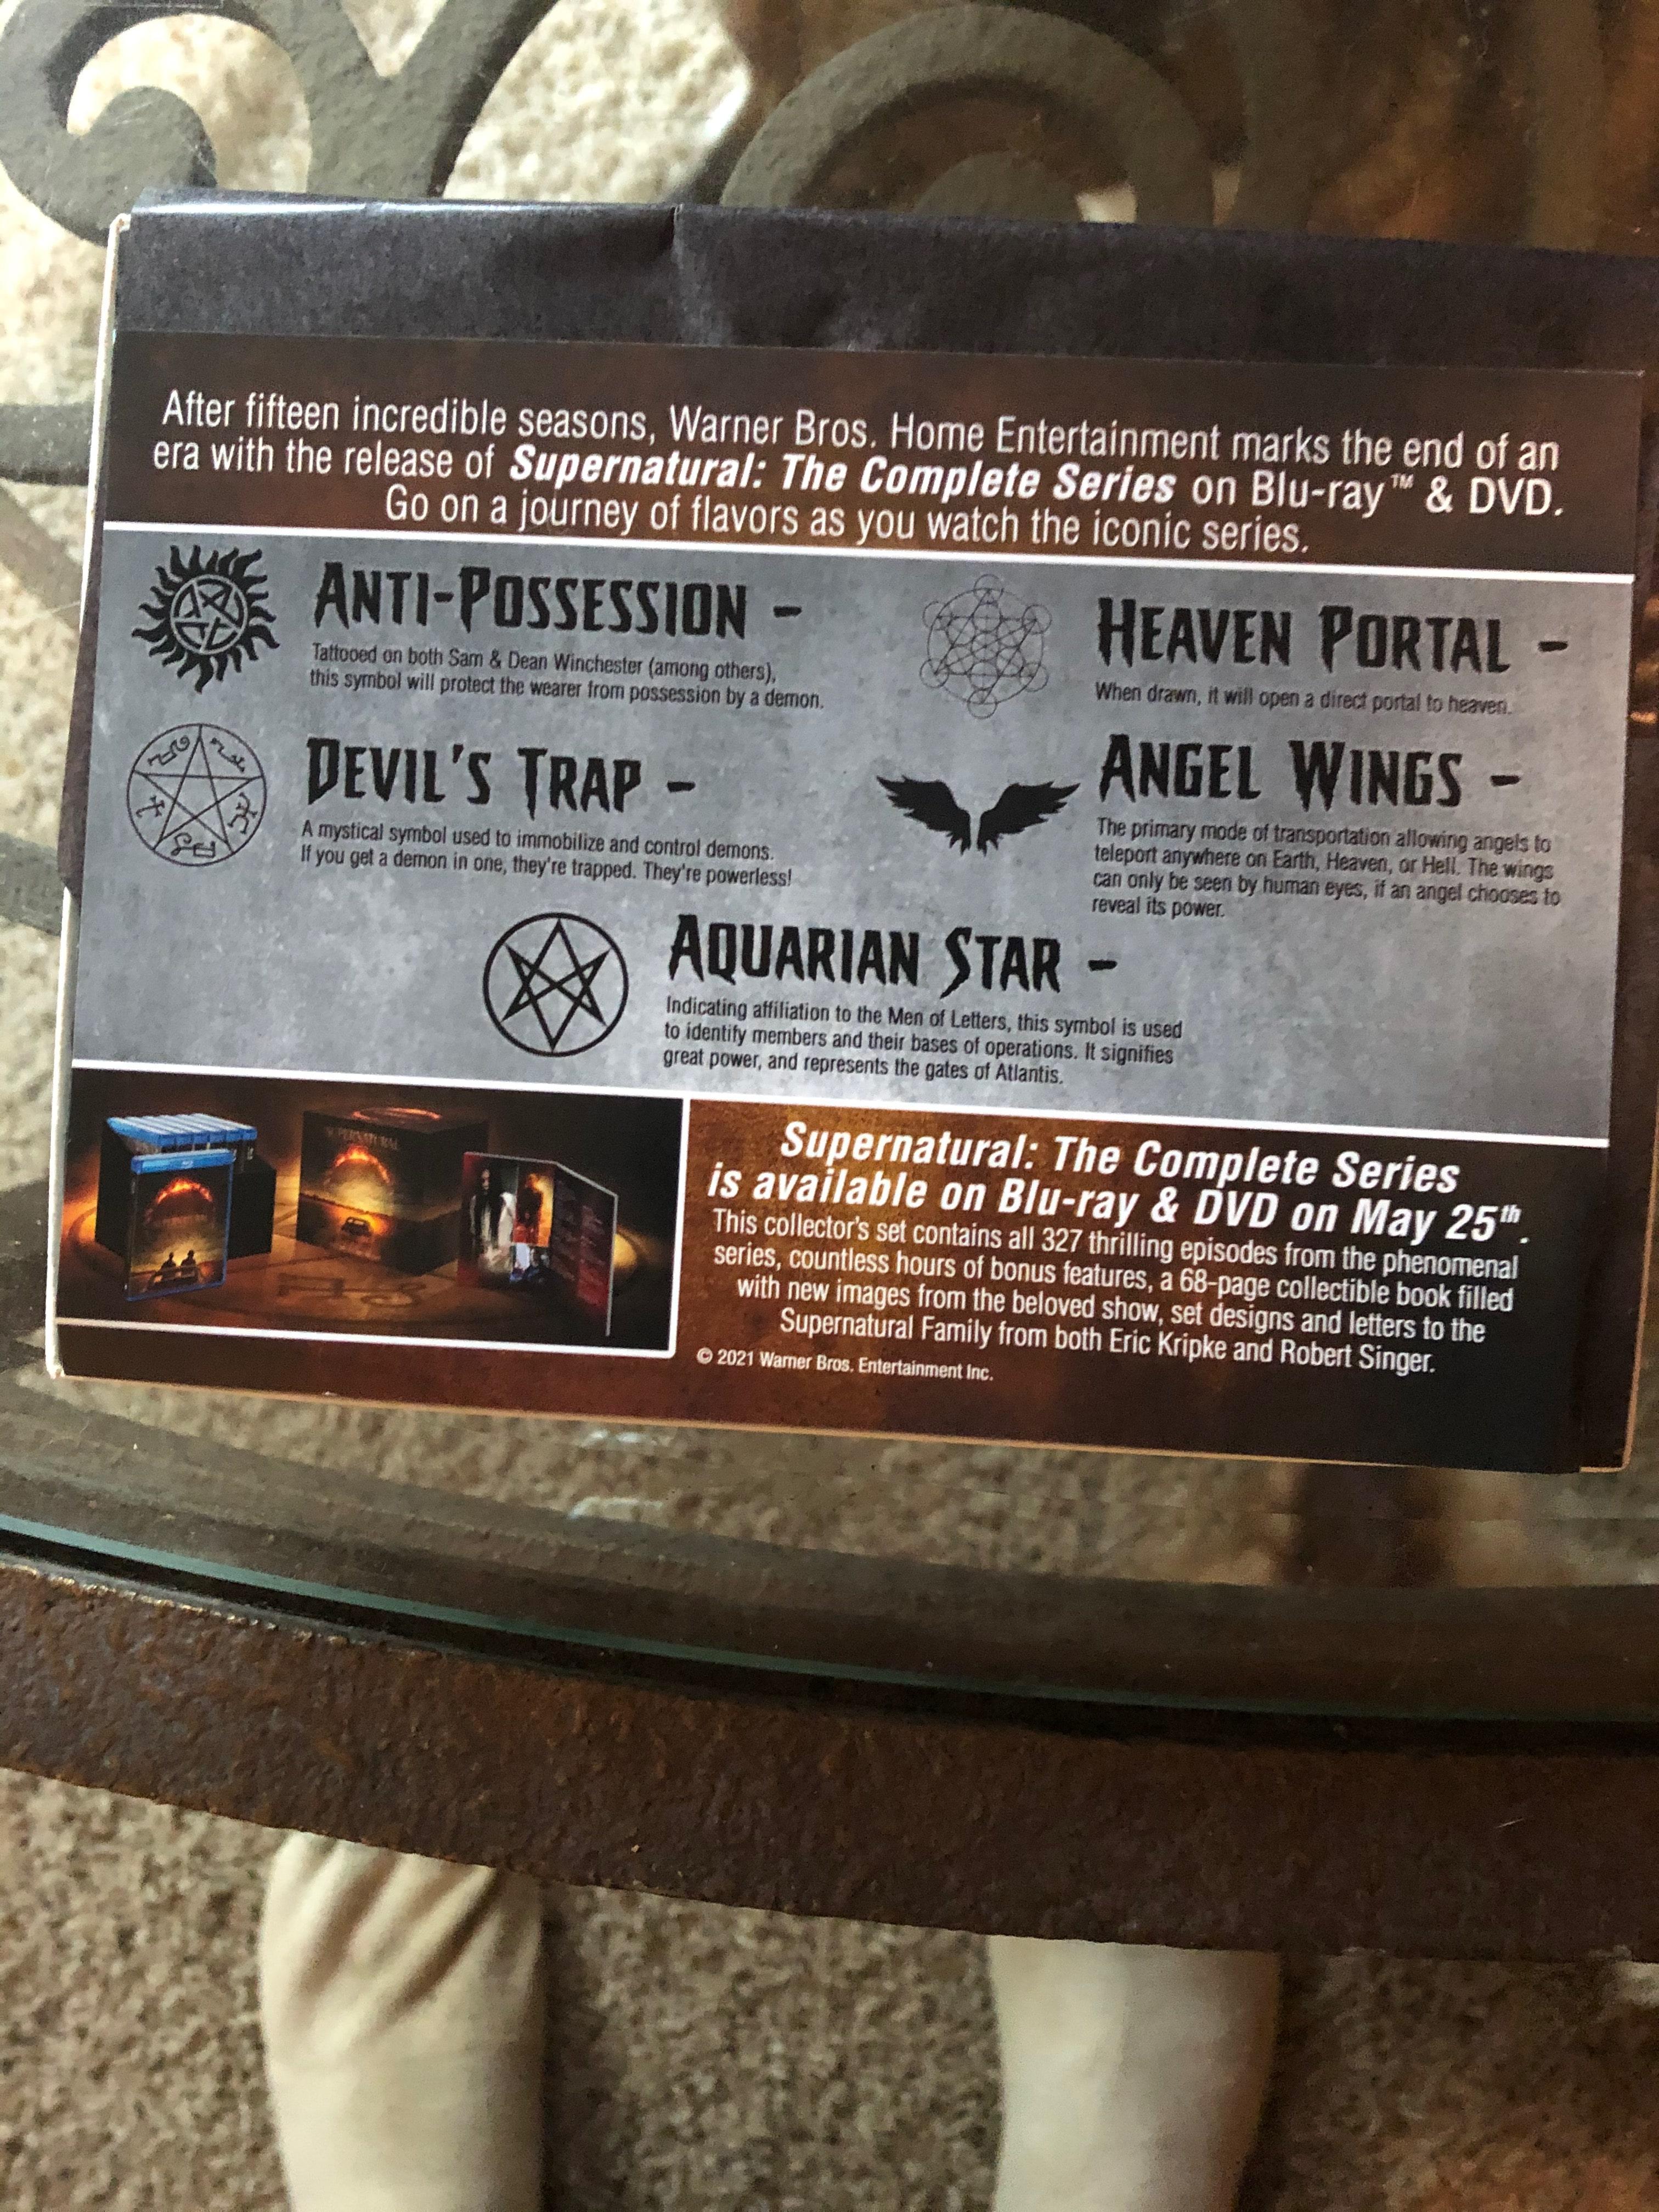 Geek insider, geekinsider, geekinsider. Com,, review: supernatural 15 season box set available 5/25, reviews, tv and movies